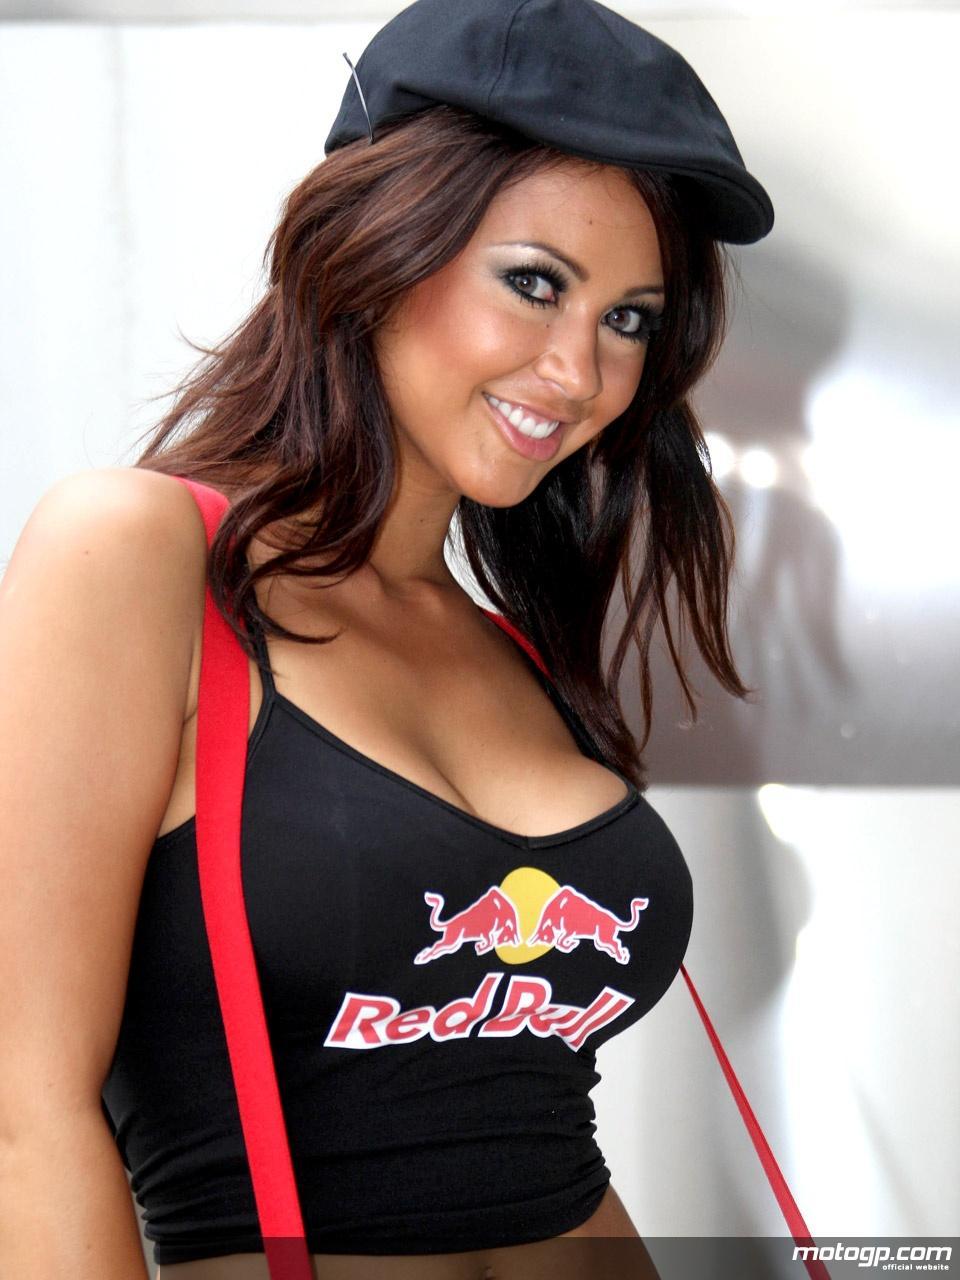 Red Bull Girl